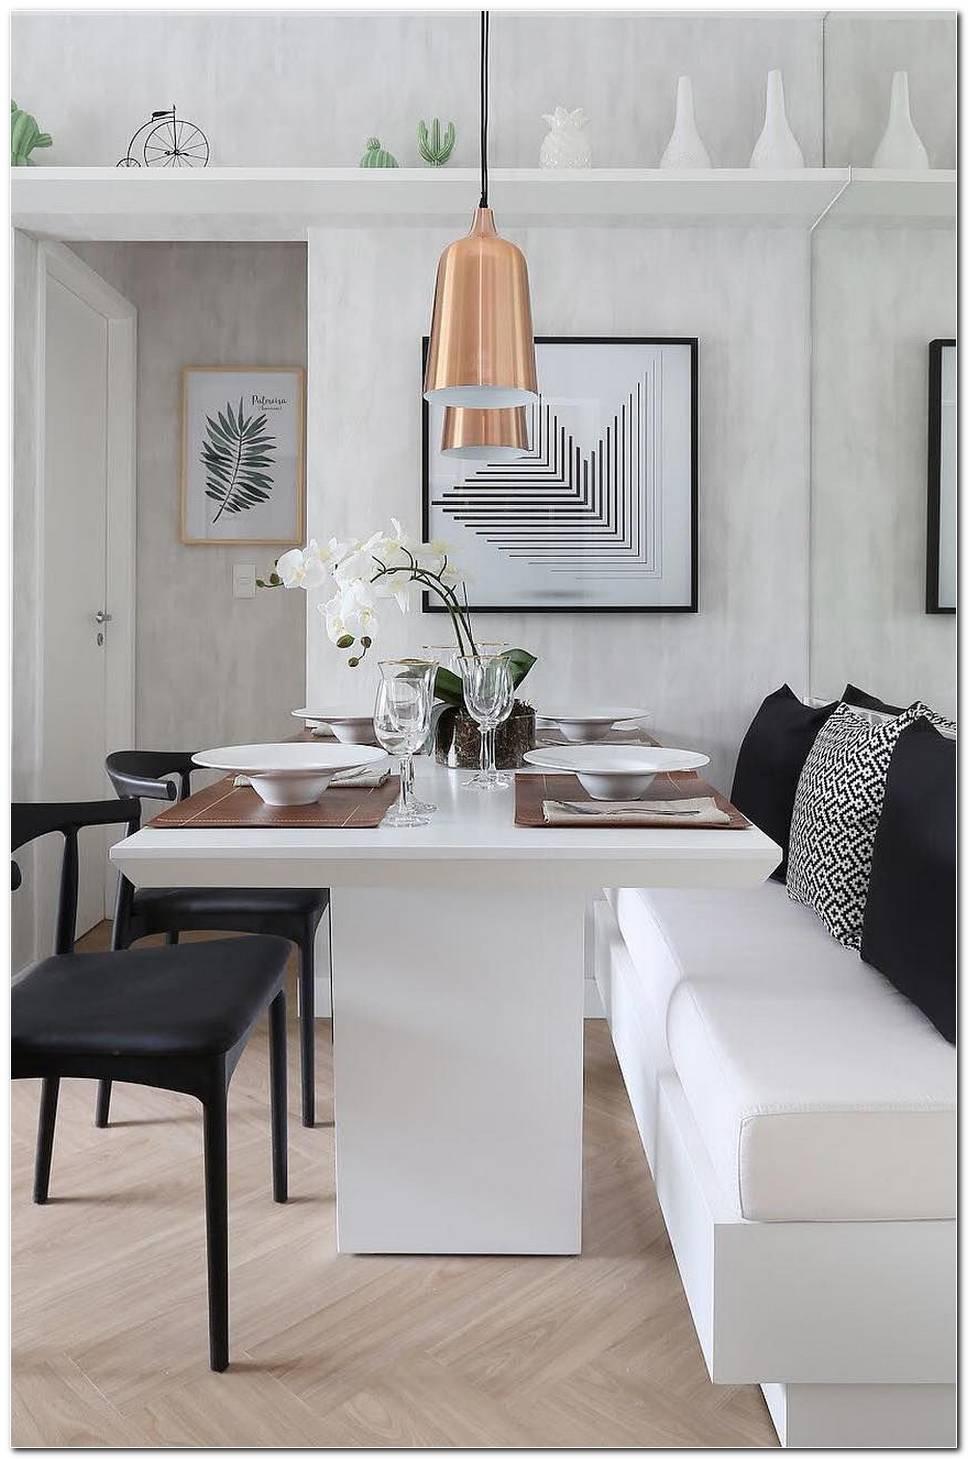 Enfeites Para Mesa De Jantar Saiba Como Fazer E Veja 60 Ideias Perfeitas